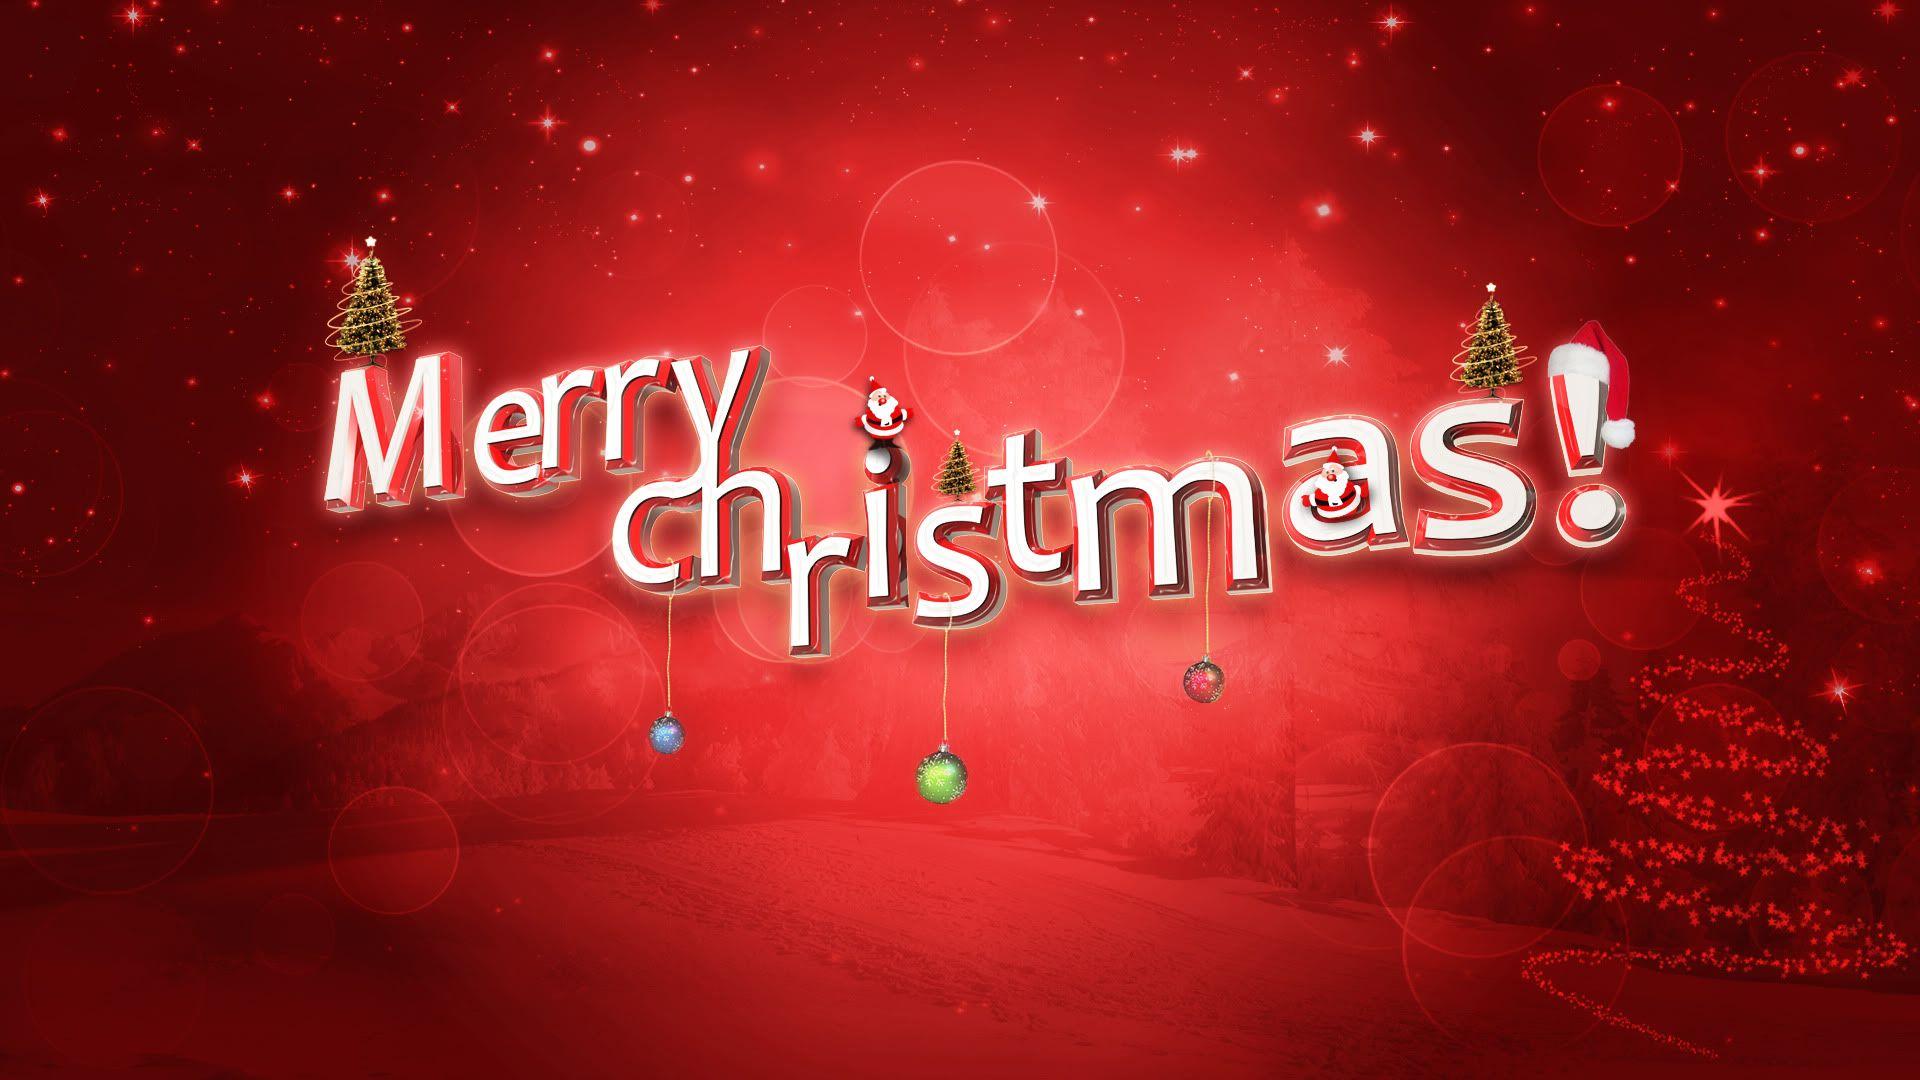 Merry Christmas Images : http://www.festivalworldz.com/merry ...